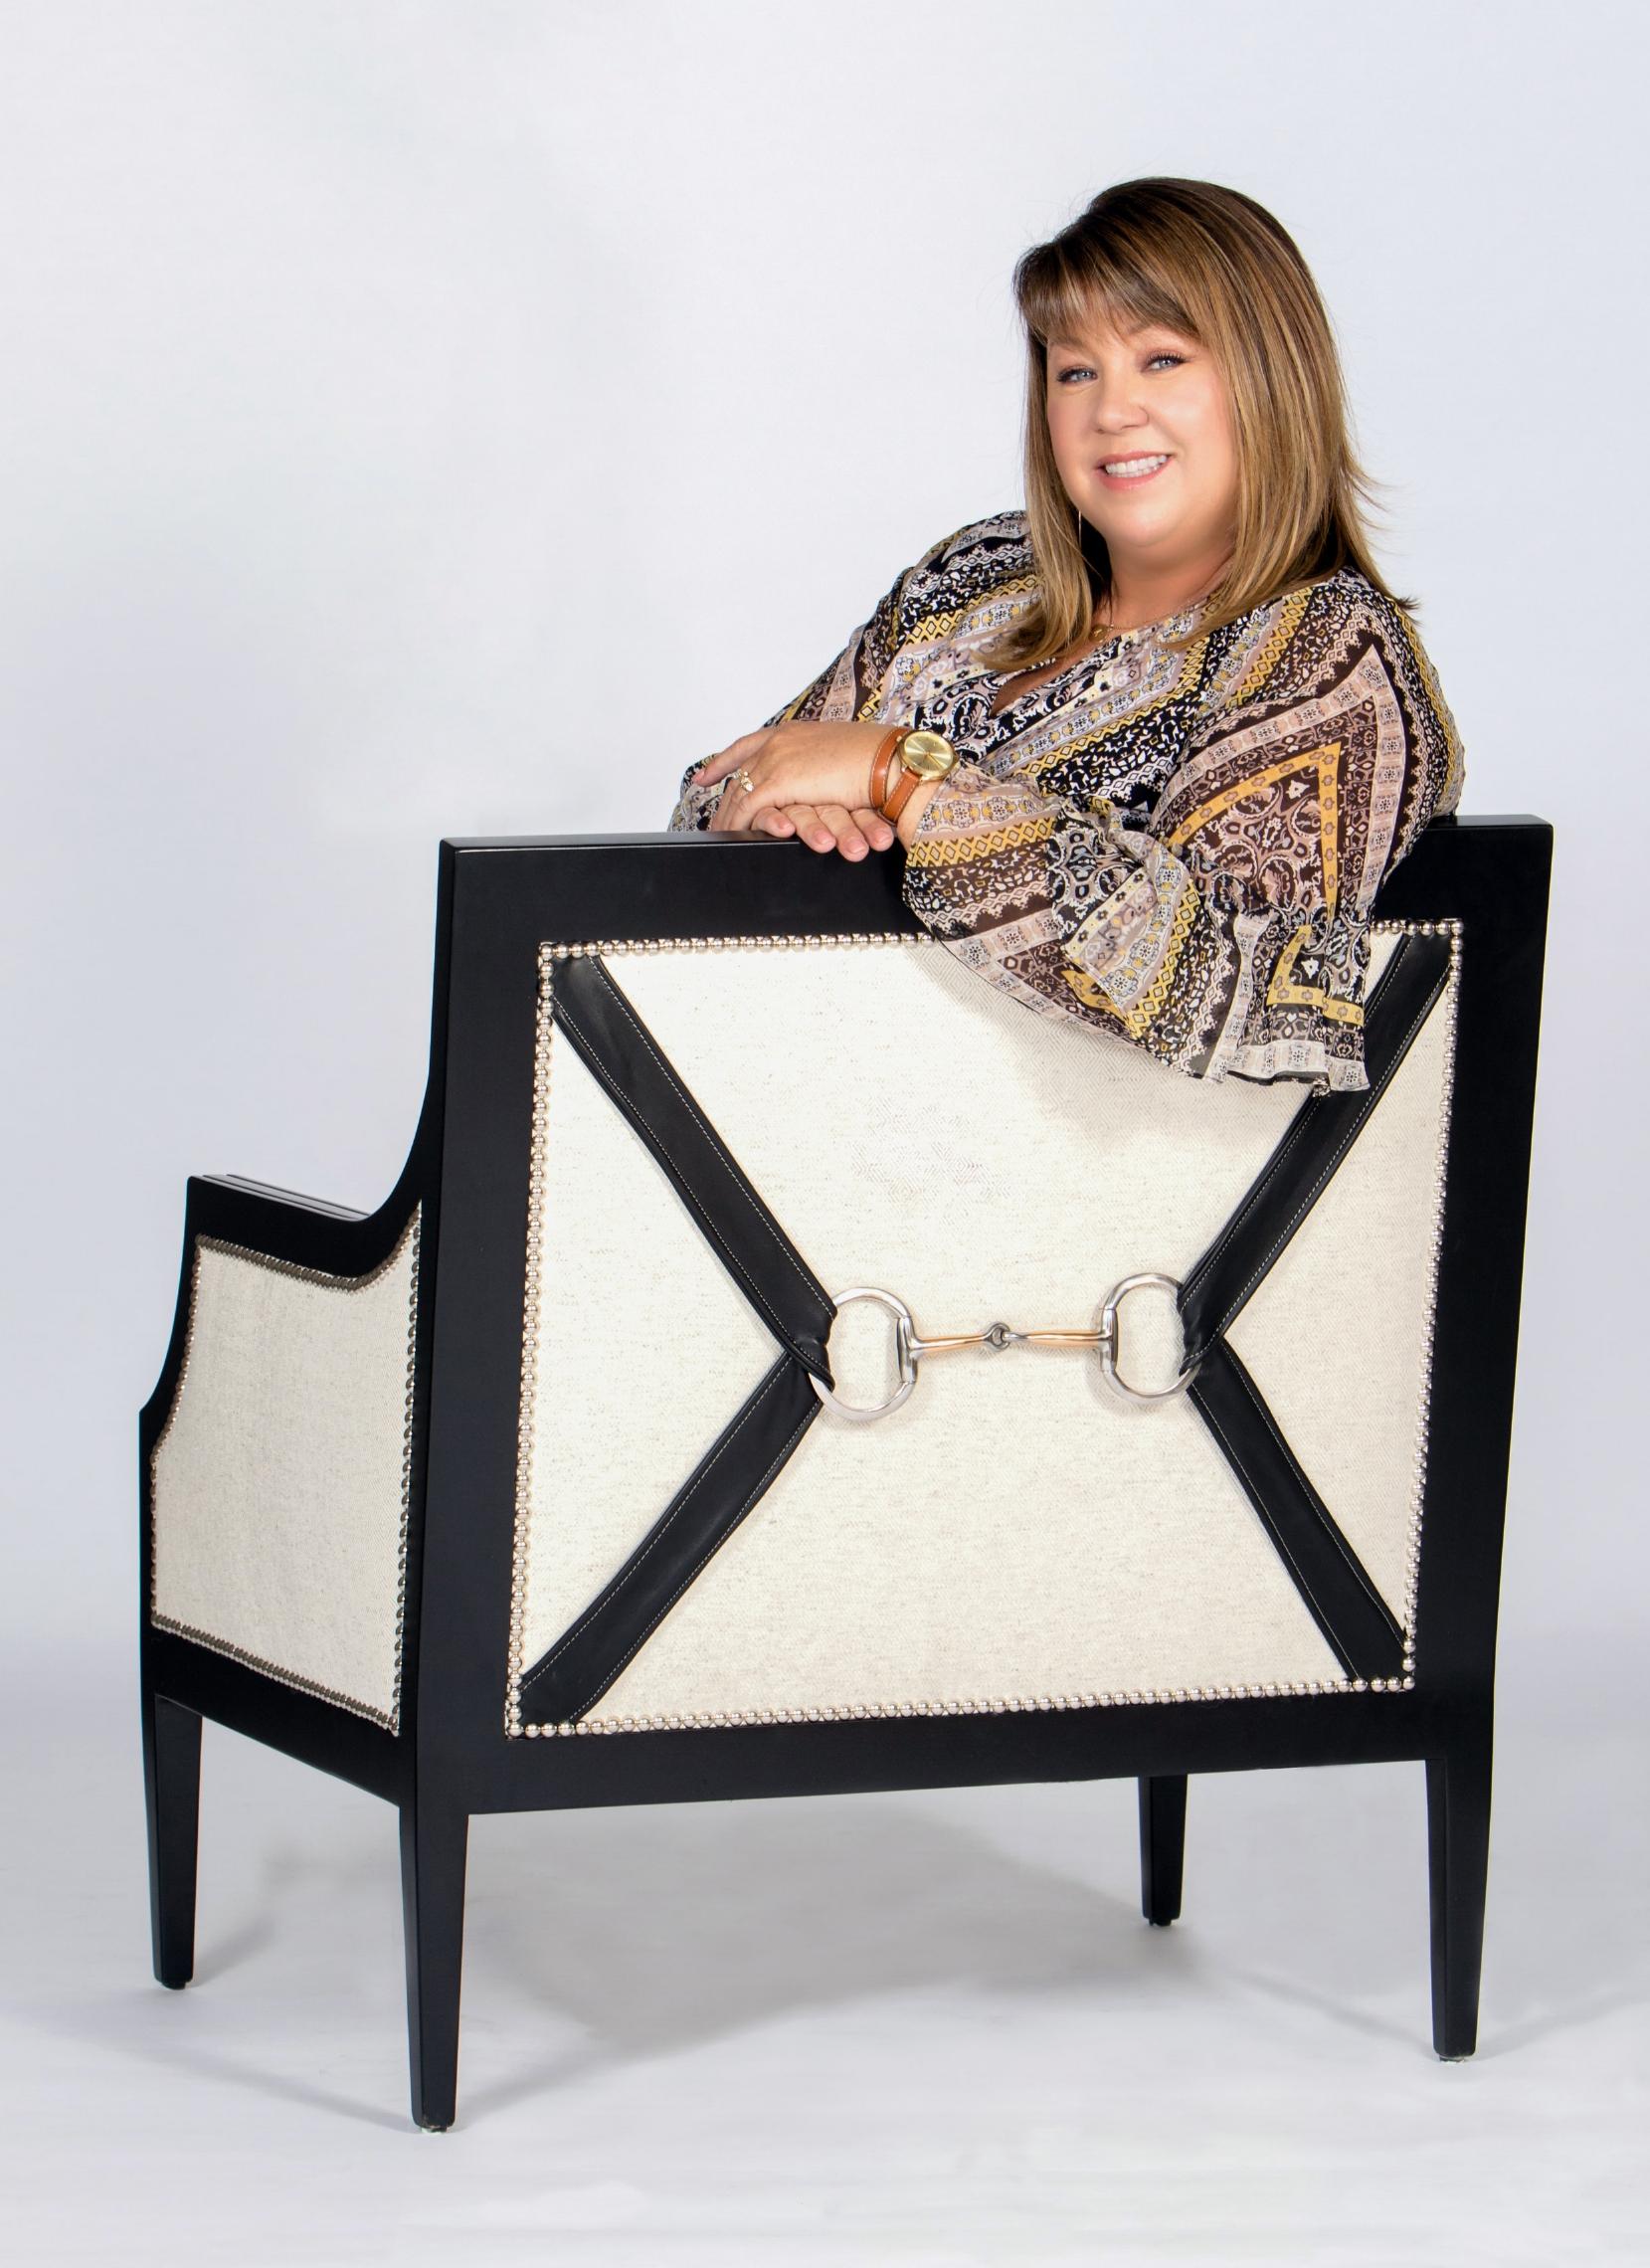 Kristi Smith Interiors OC top designer